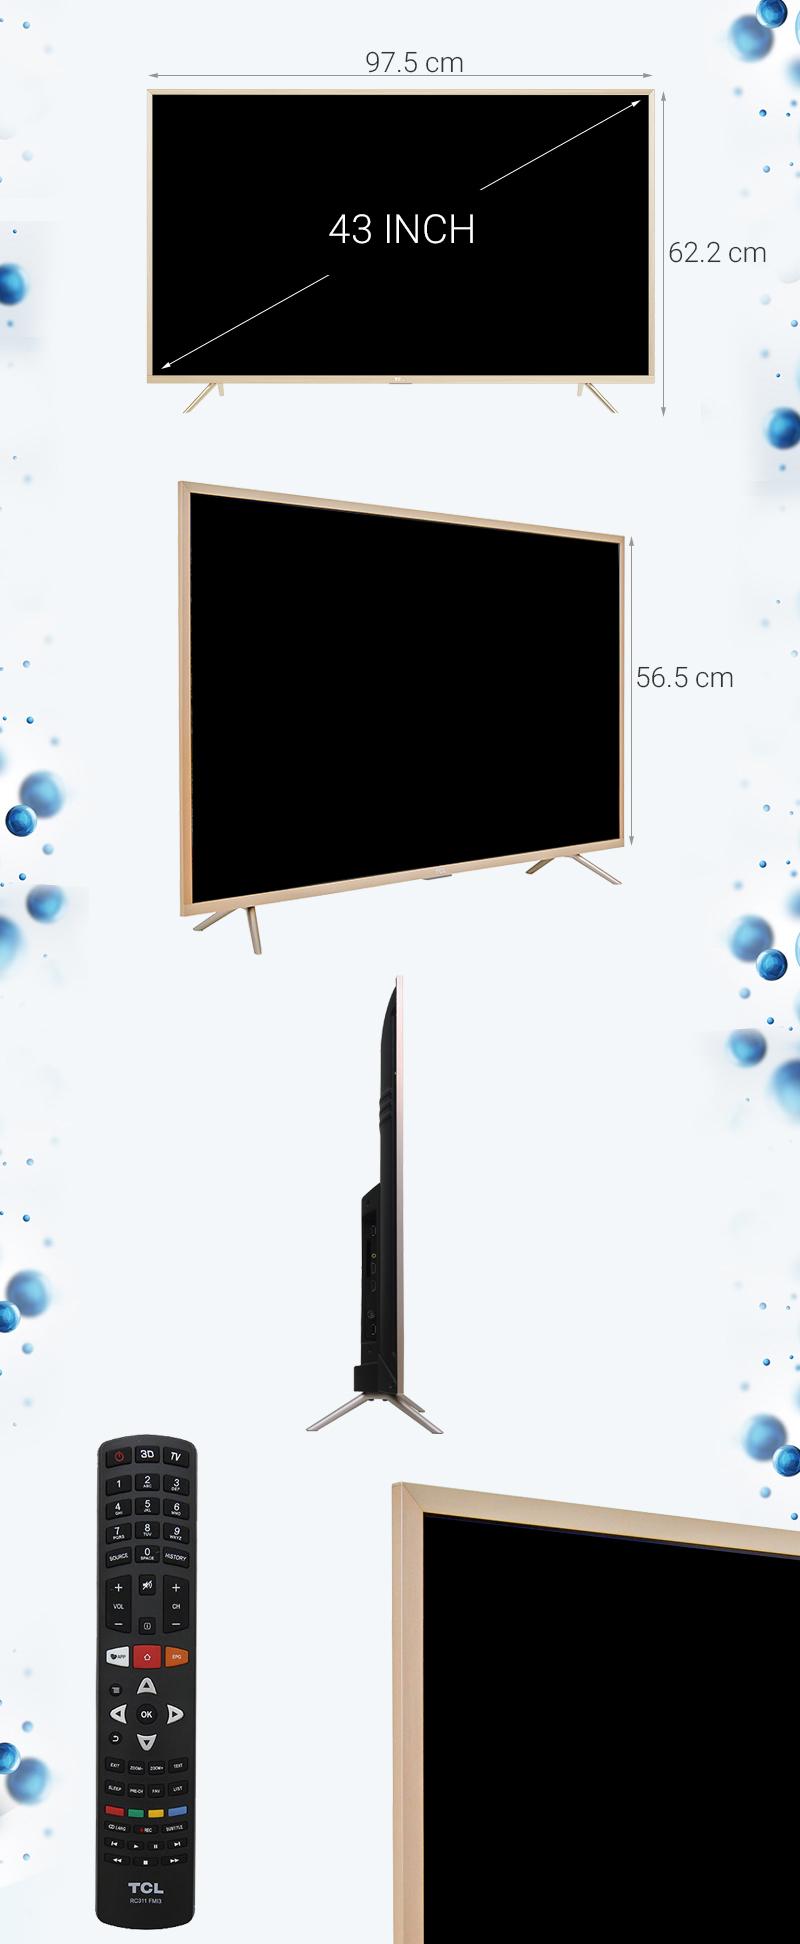 Smart Tivi TCL 43 inch L43Z2 - Kích thước TV